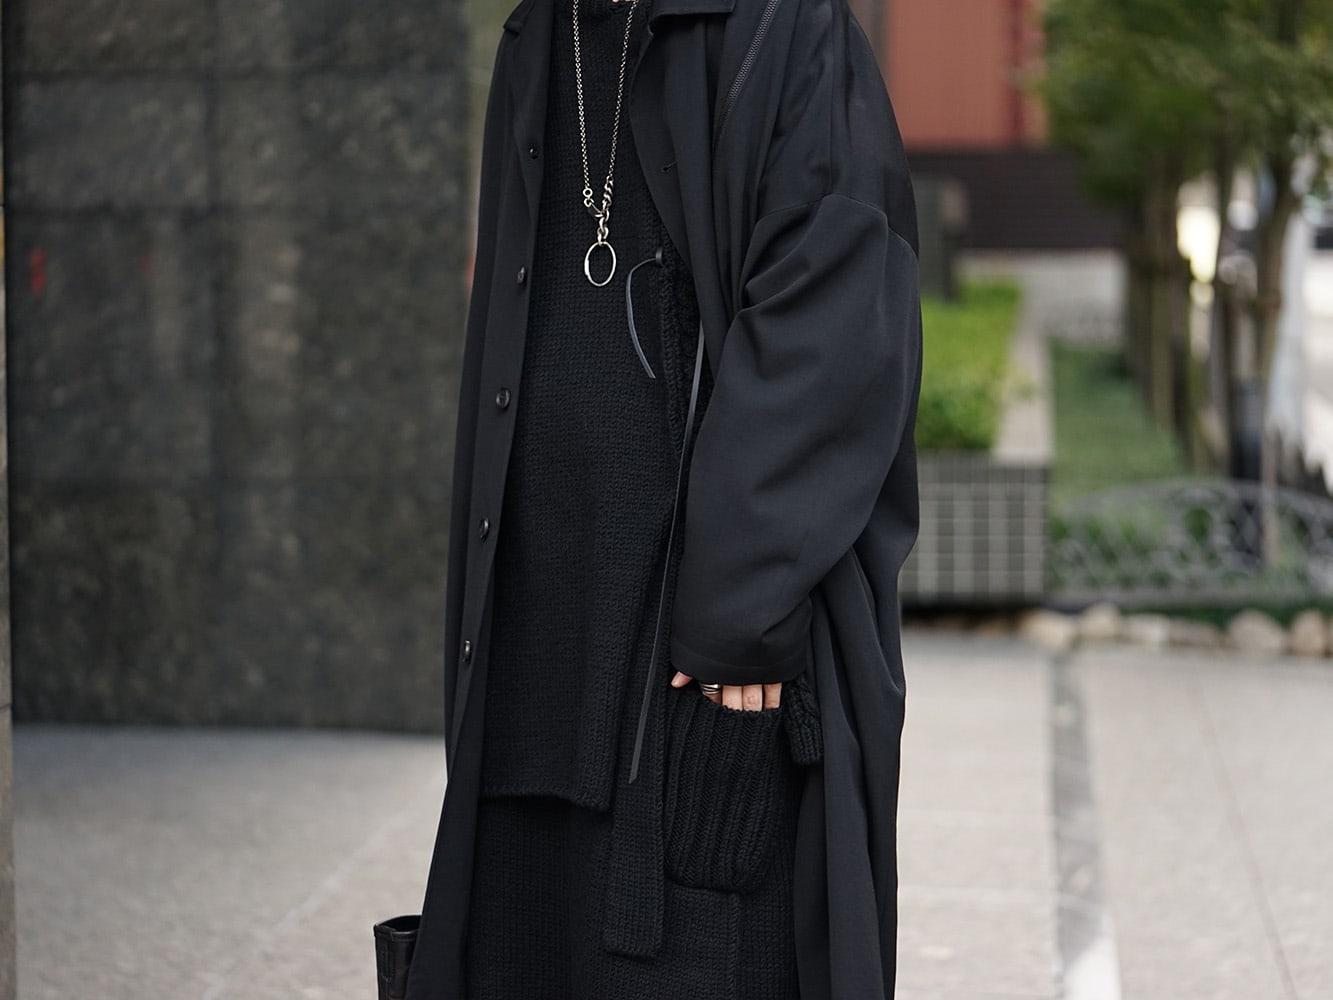 Yohji Yamamoto x B Yohji Yamamoto 18AW 2way Style 07